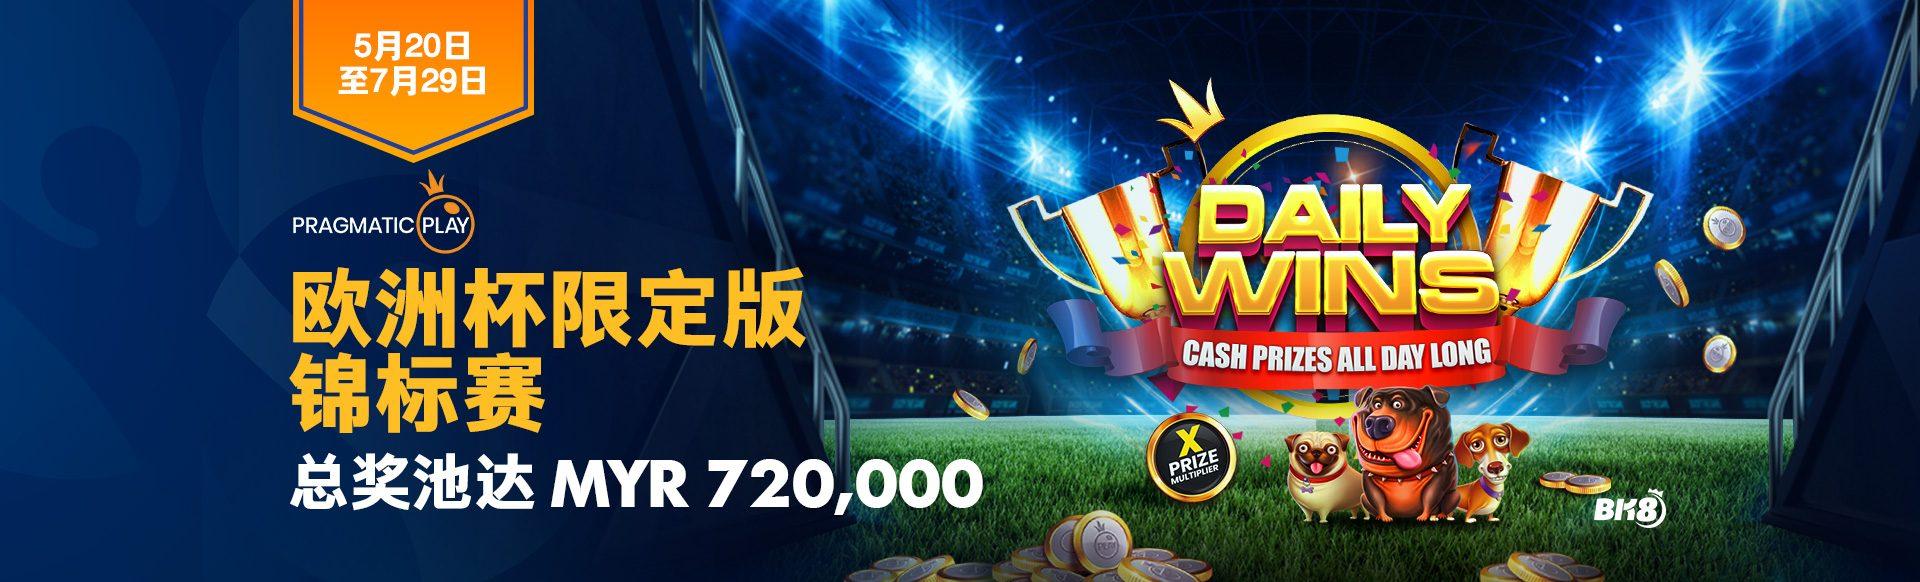 马来西亚网上赌场奖励